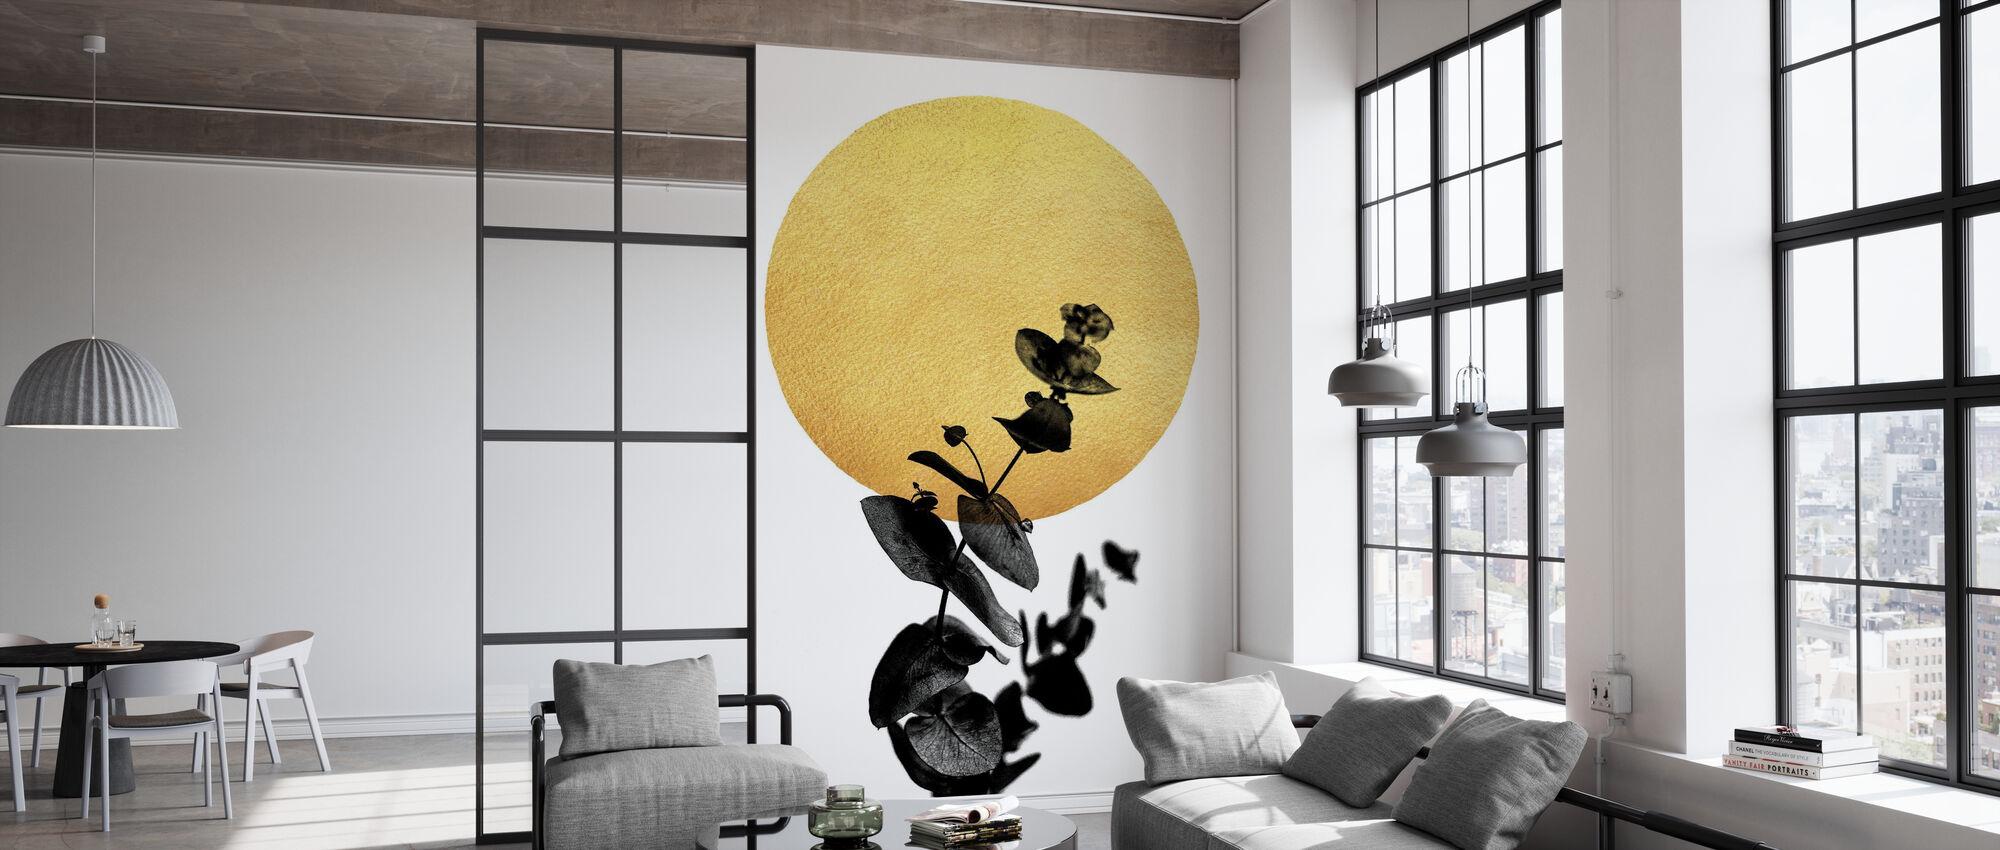 La Vie En Rose - Wallpaper - Office